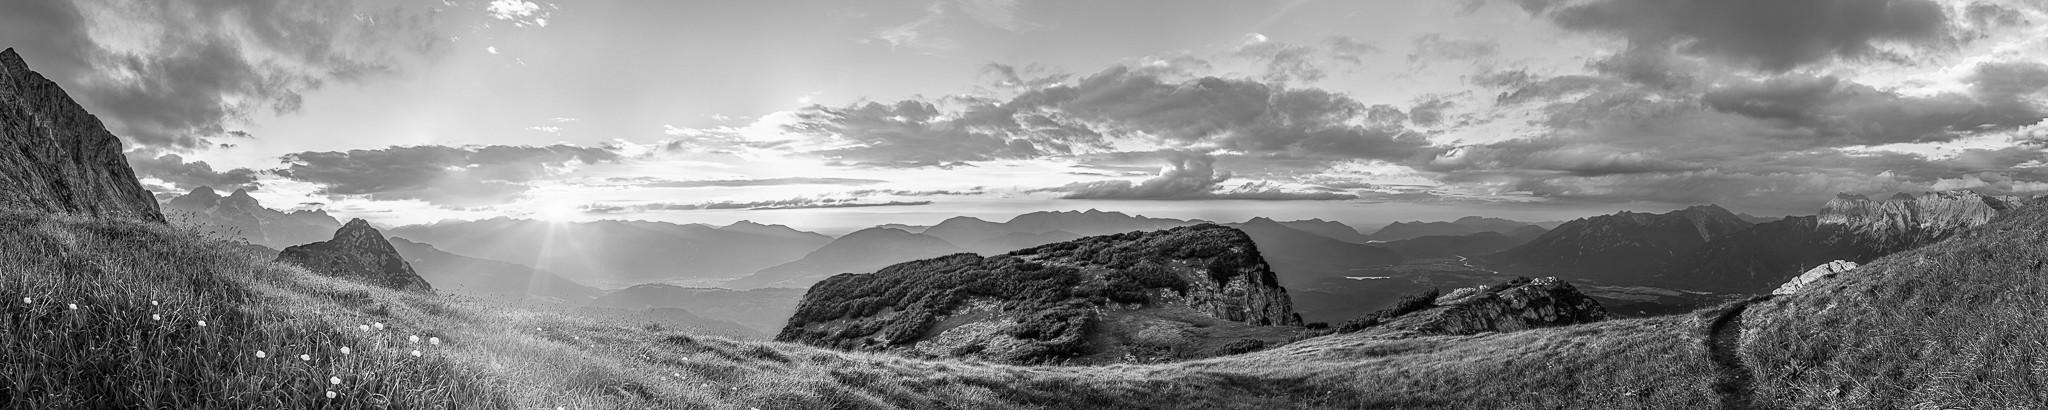 Blick vom Wetterstein - Gamsanger auf das werdenfelser Land mit Garmisch-Partenkirchen und dem Isartal.